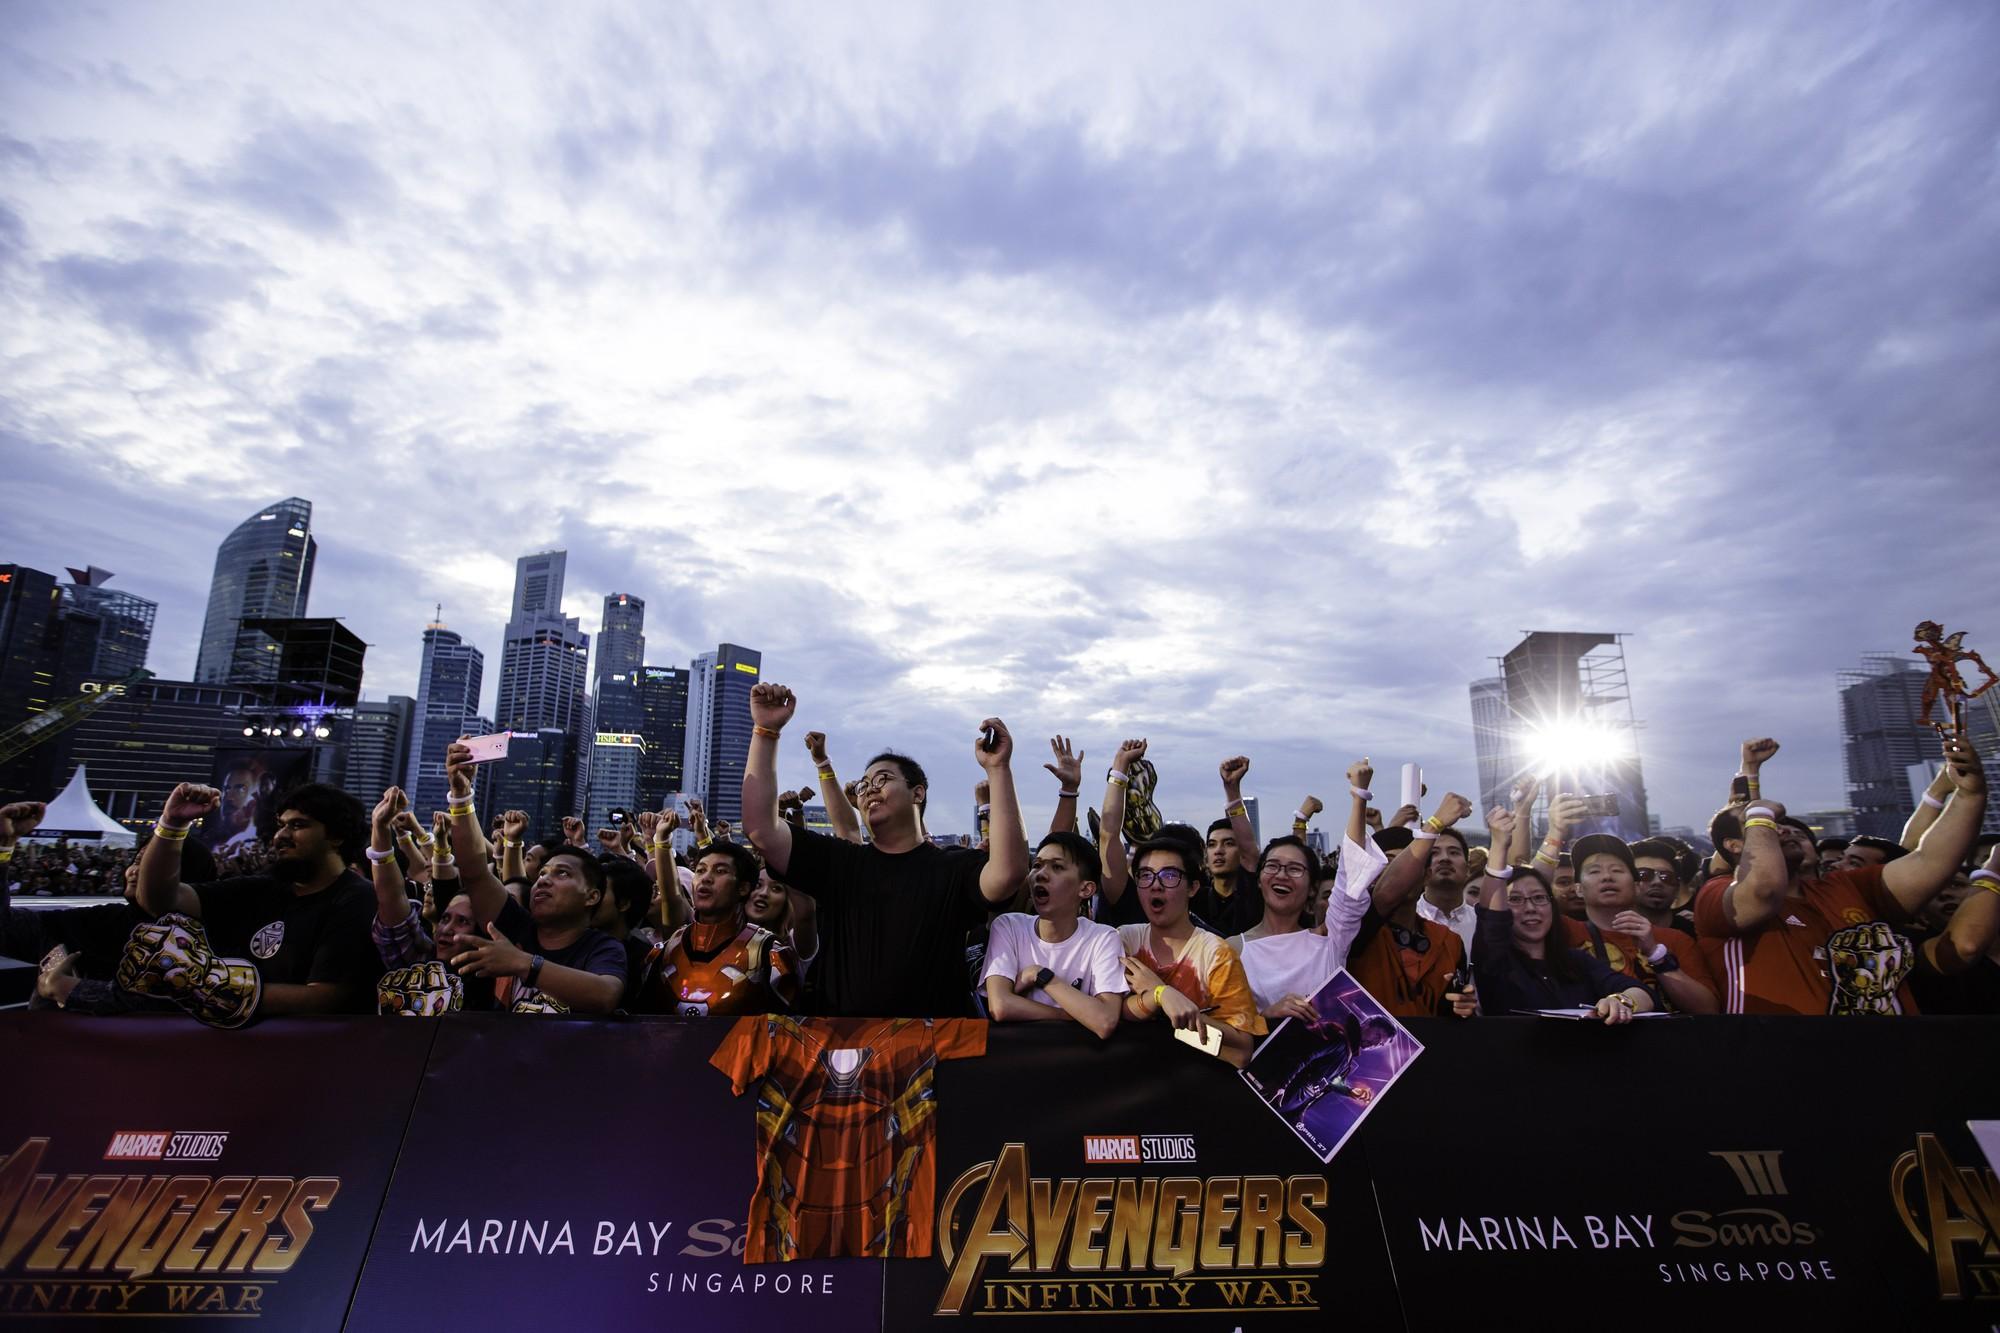 Đôi bạn Phở và JVevermind dắt díu nhau triệu tập biệt đội Avengers trước thềm Infinity War - Ảnh 3.